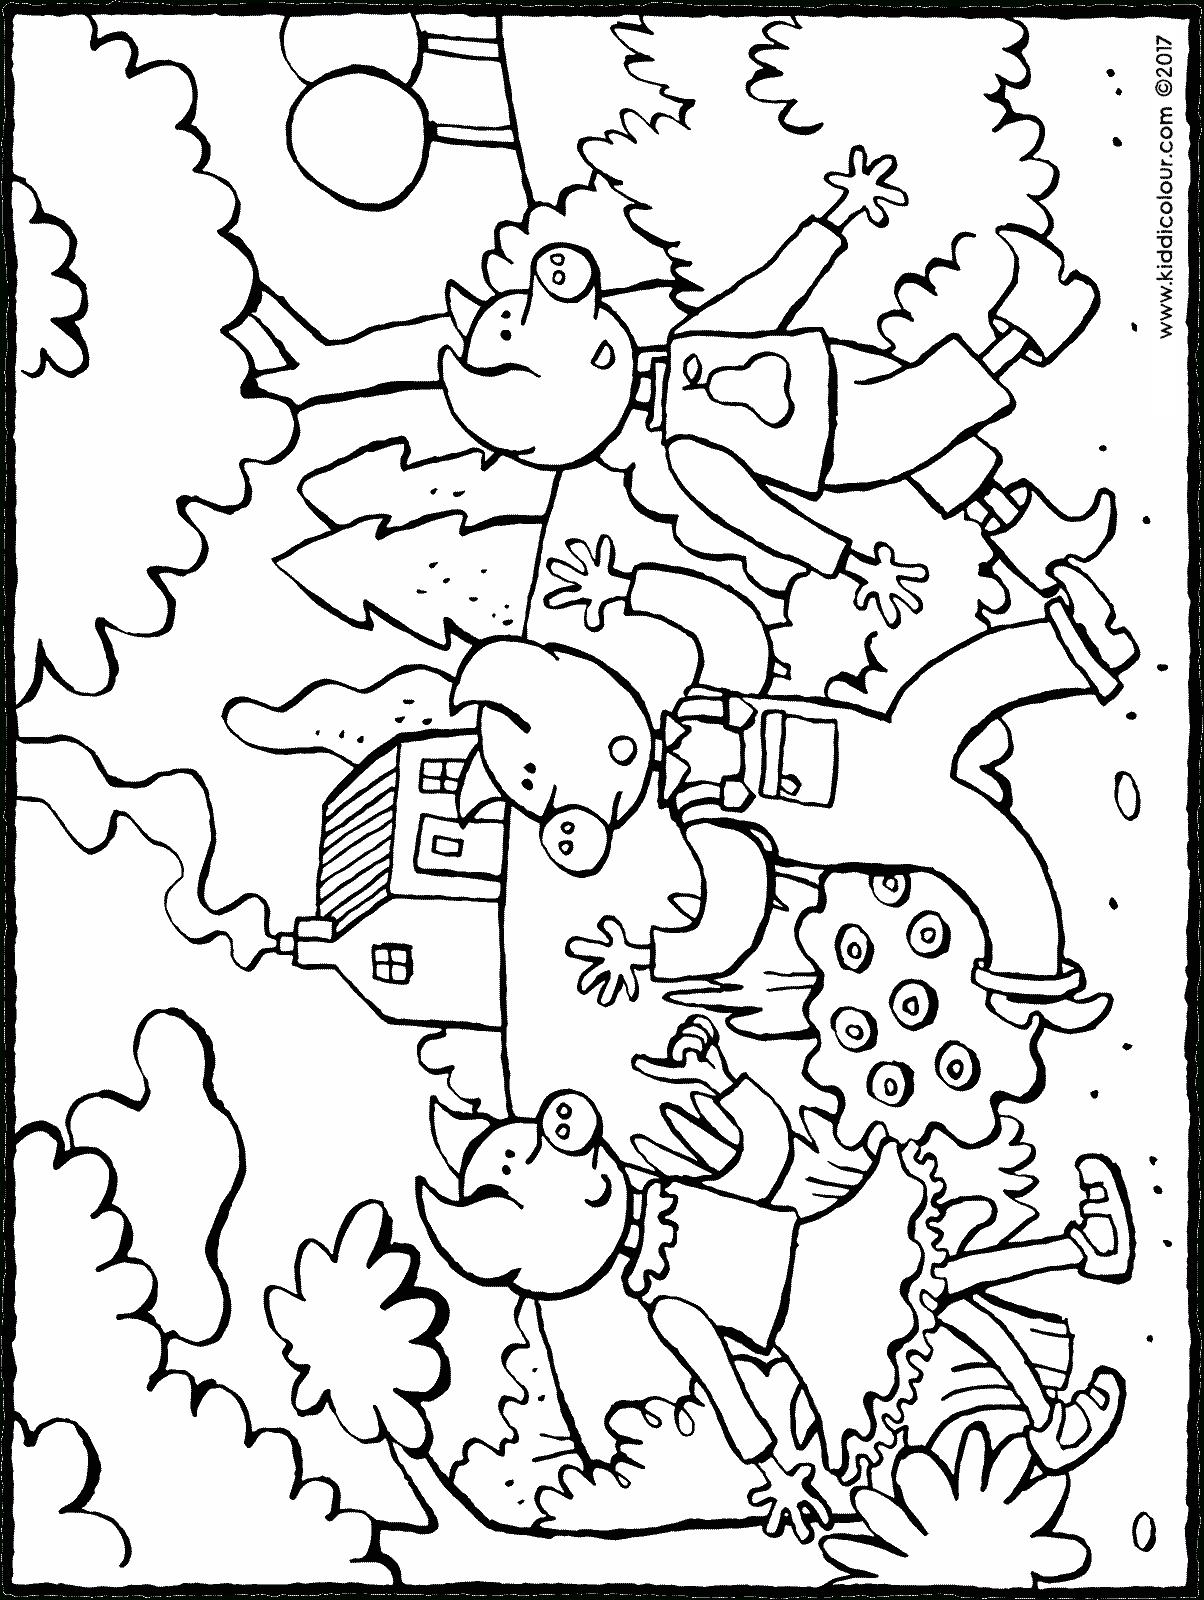 Les 3 Petits Cochons Dans La Forêt - Kiddicoloriage encequiconcerne Dessin Petit Cochon